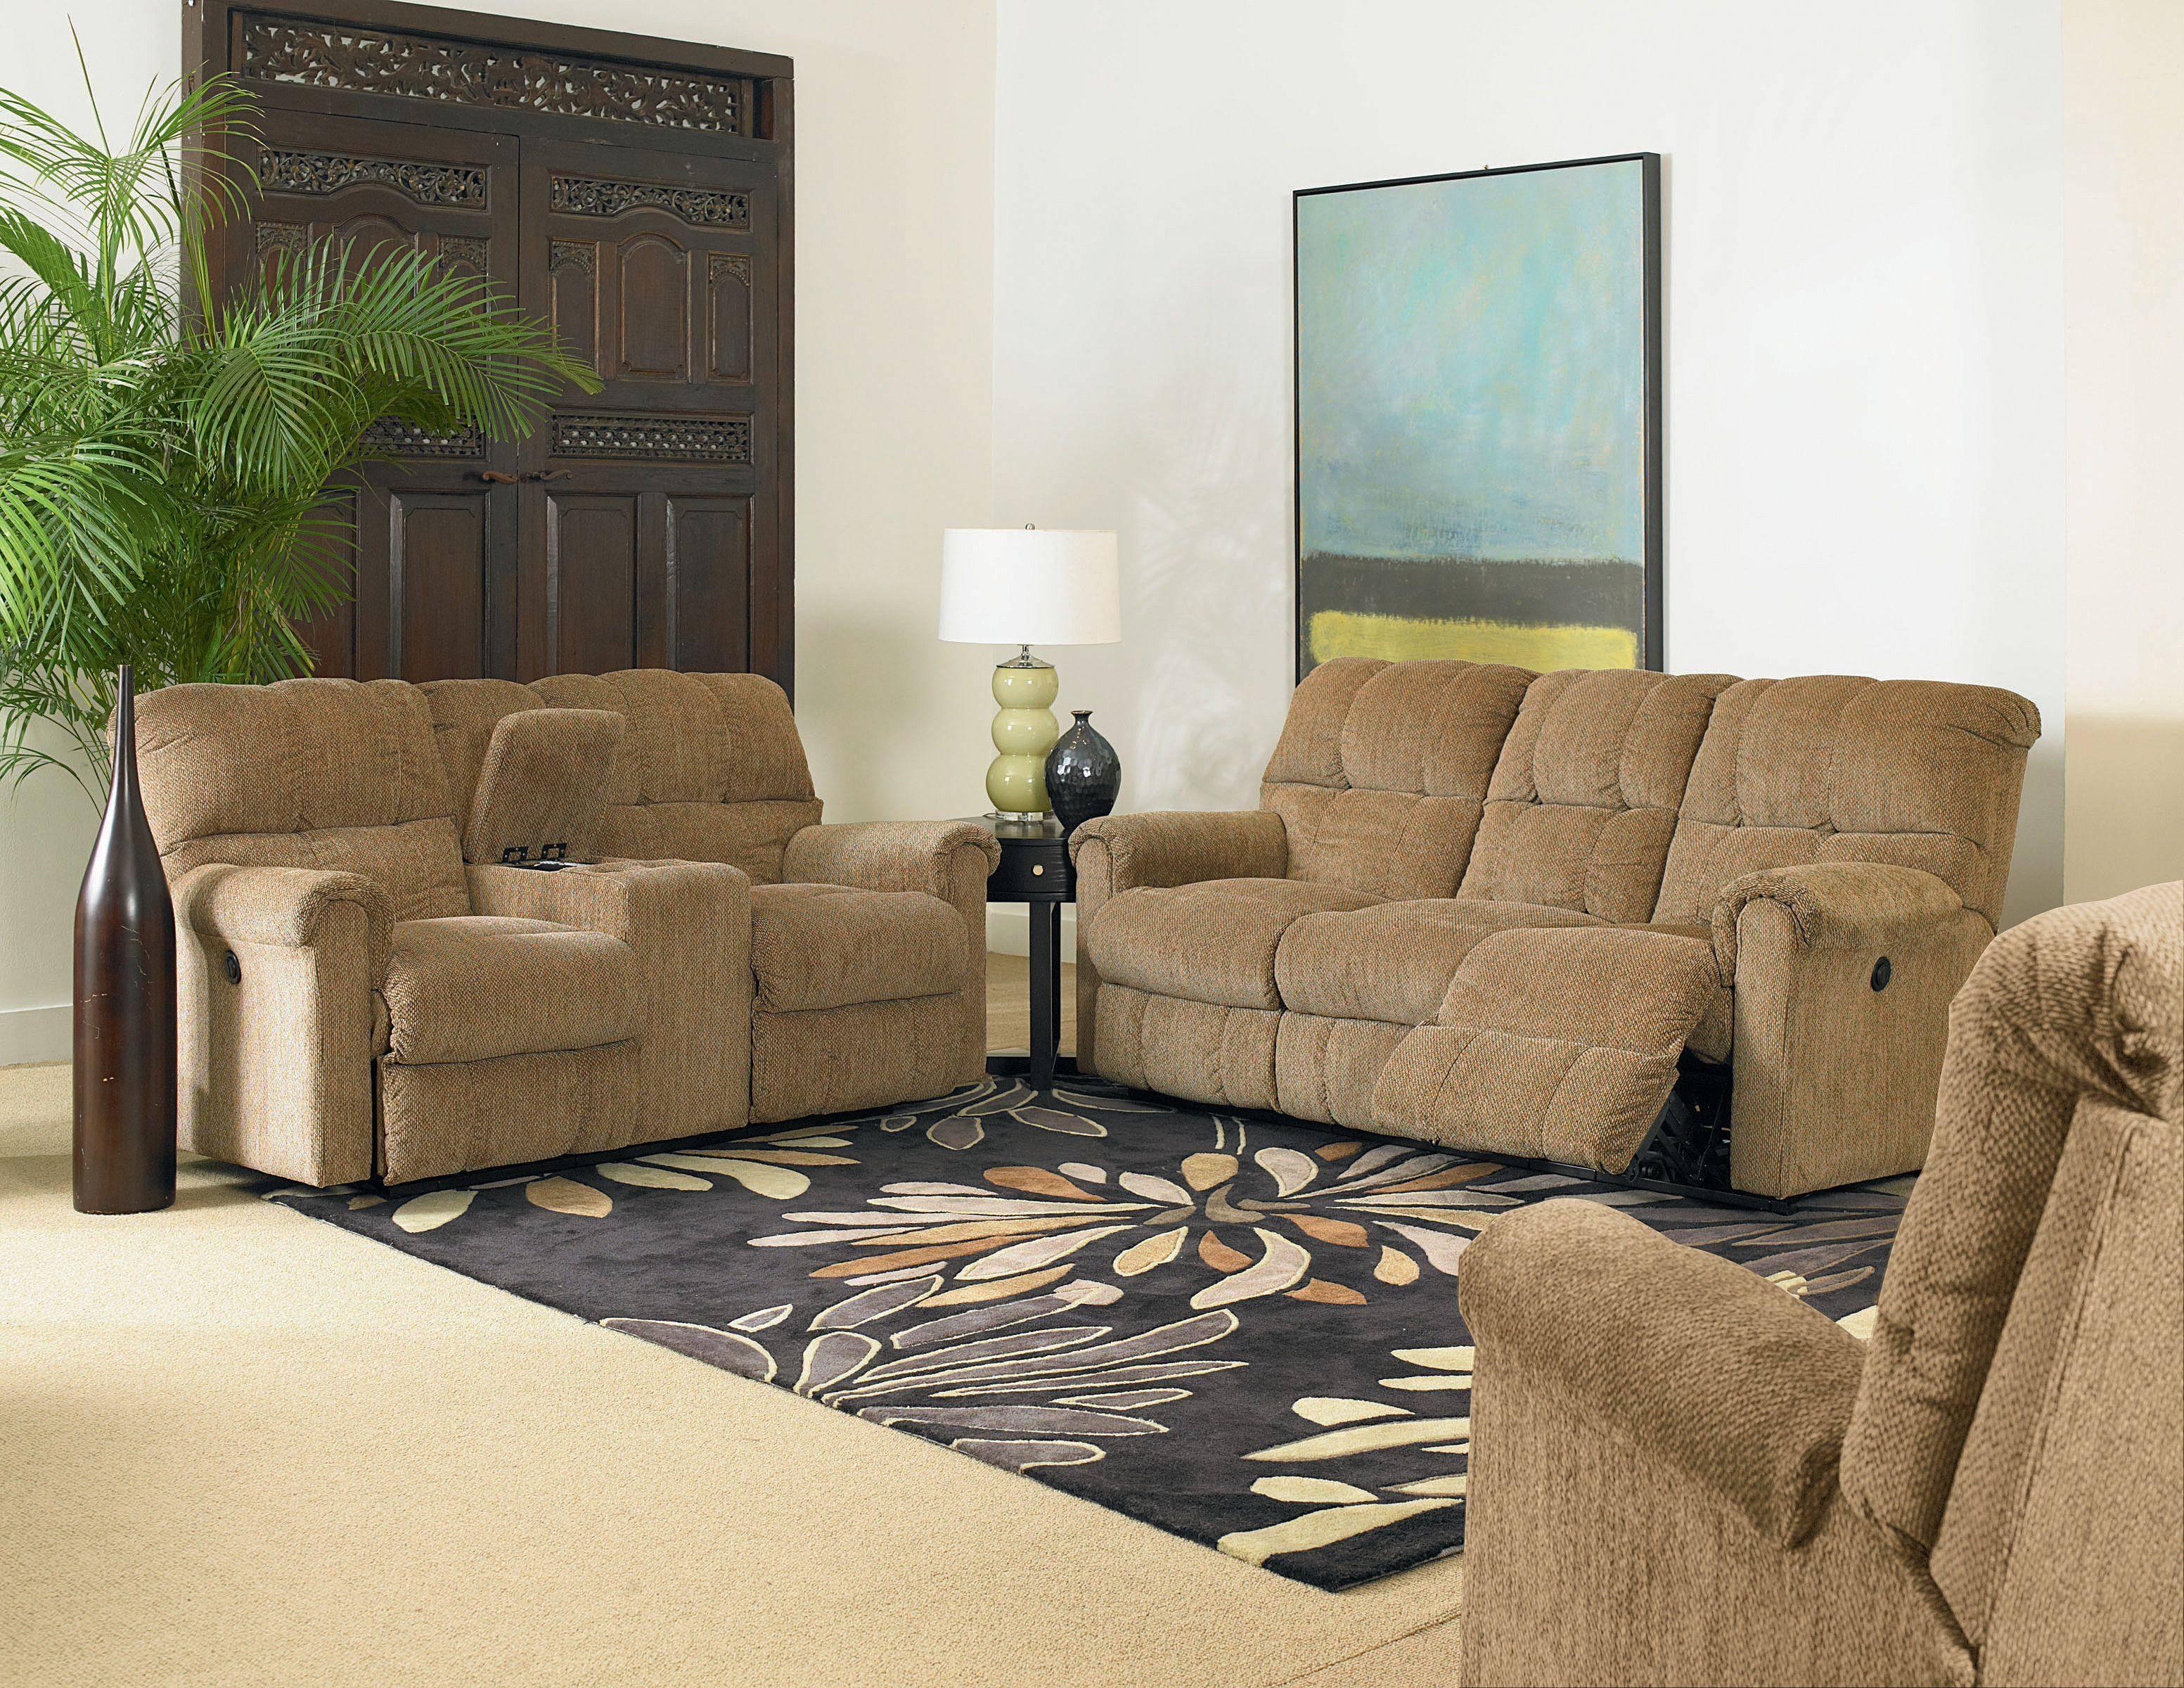 Furniture: Lane Furniture Stores | Lane Reclining Sofa | Dillards in Lane Furniture Sofas (Image 5 of 25)